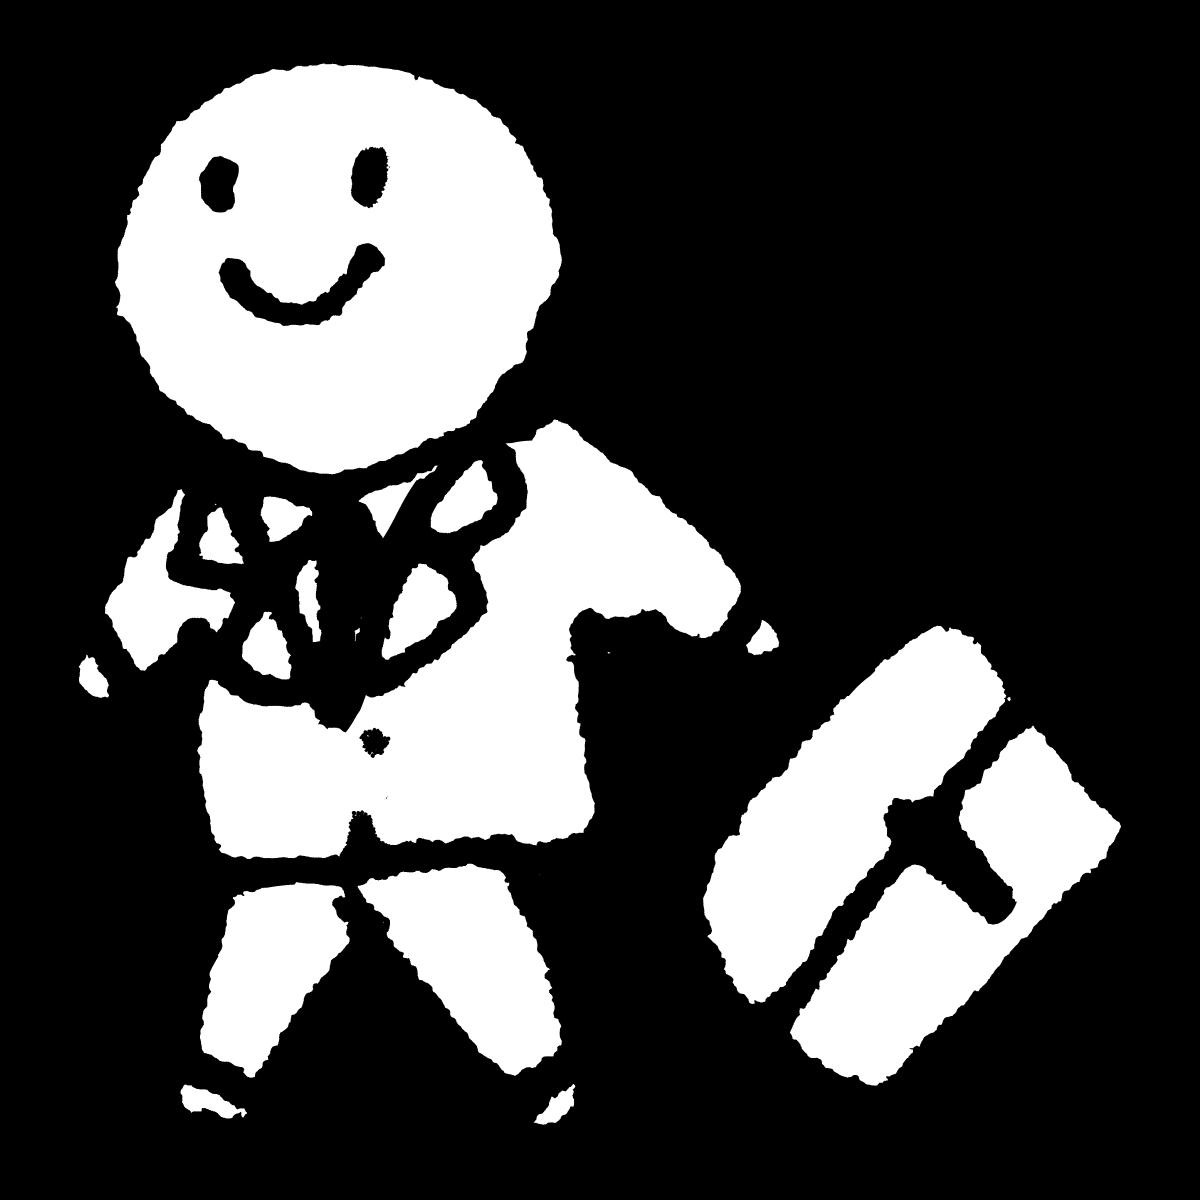 歩くサラリーマン2のイラスト / Walking salaryman 2 Illustration